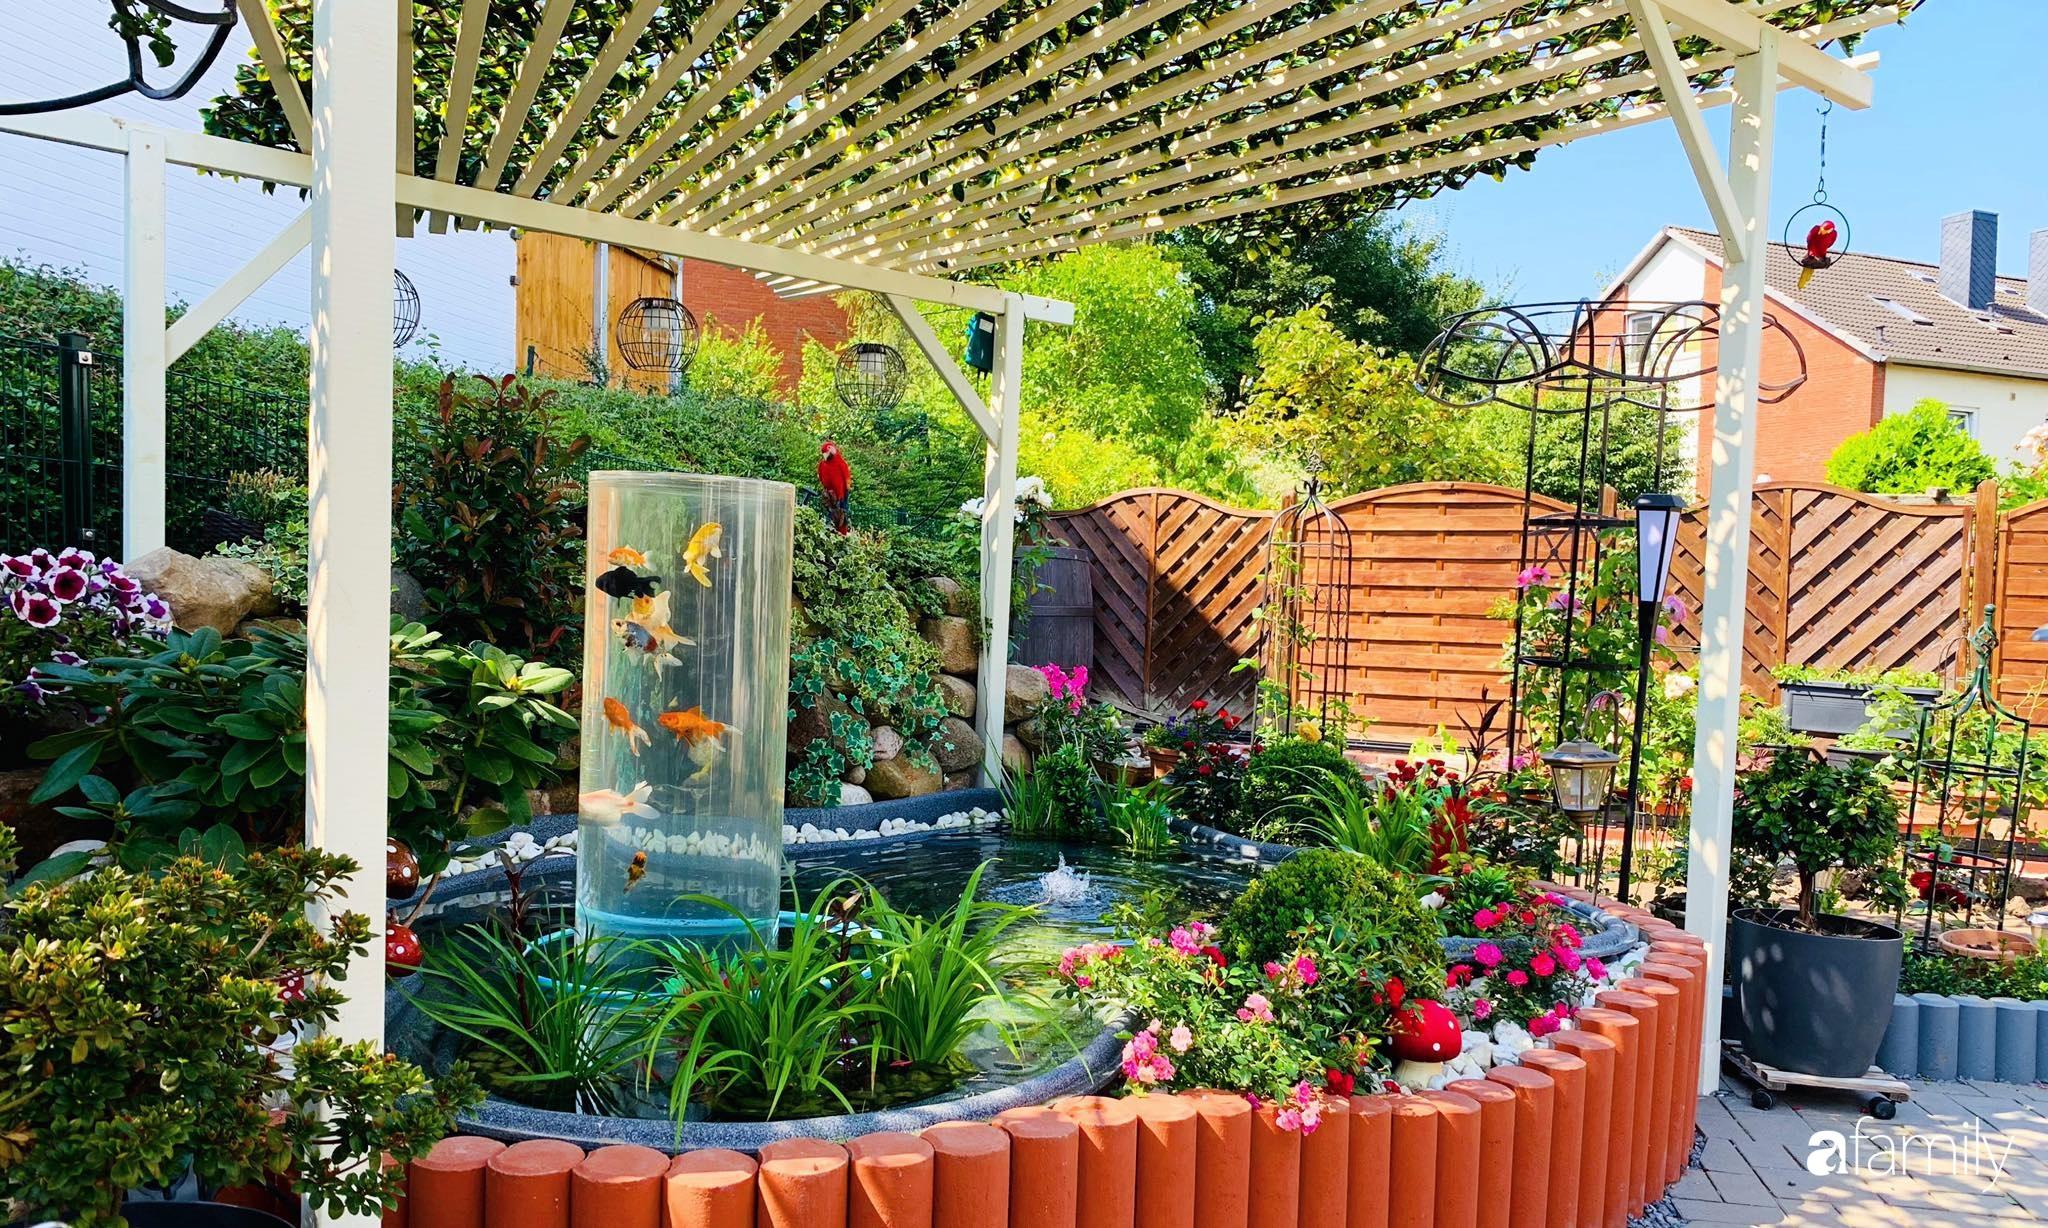 """Vườn hoa 500m² đẹp như cổ tích được tạo bởi tình yêu thiên nhiên của cặp vợ chồng dành cả """"thanh xuân"""" để trồng cây - Ảnh 4."""